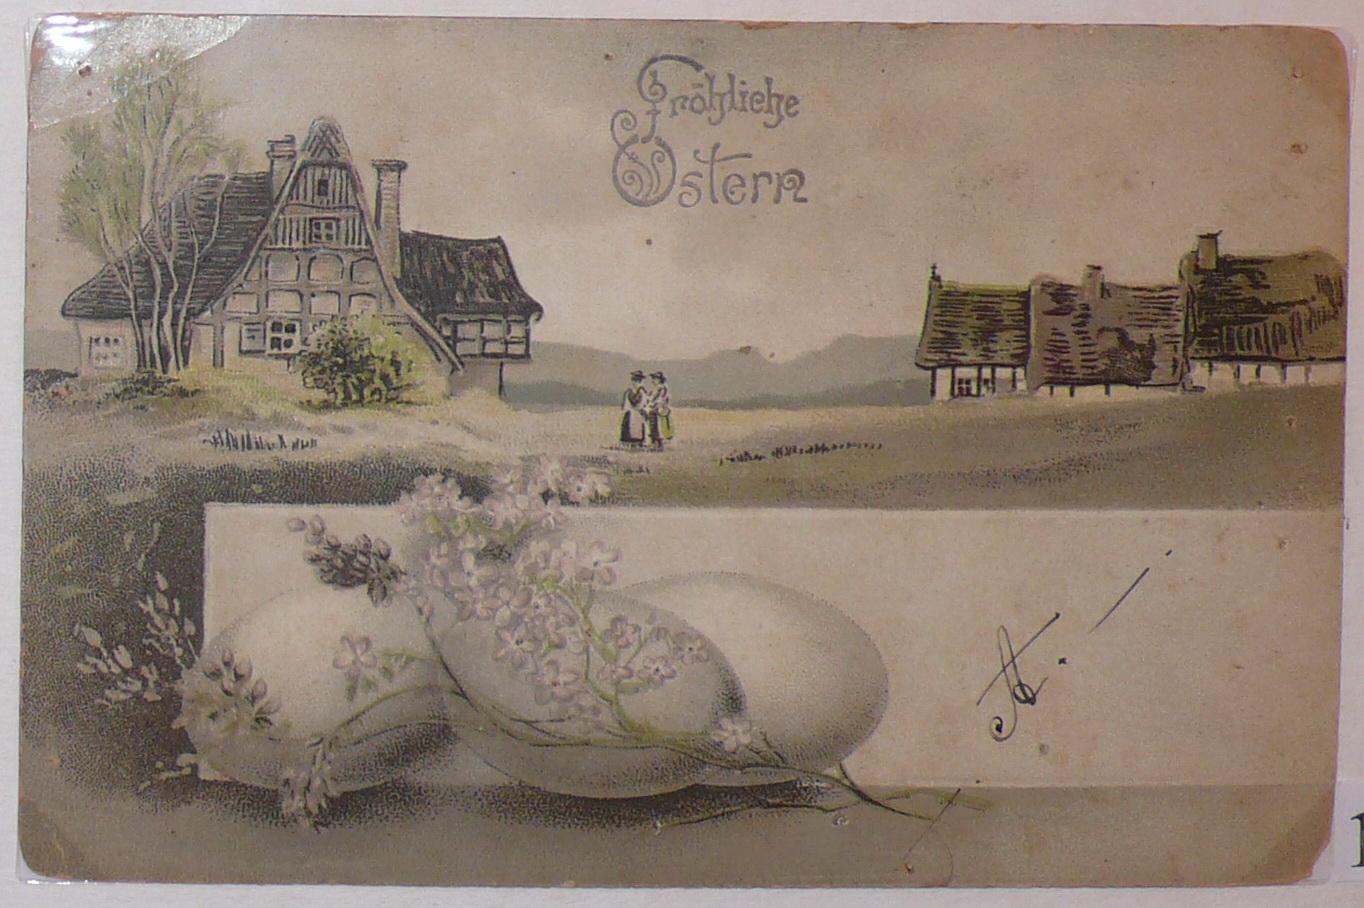 Открытки изображения 19 века, год свадьбы